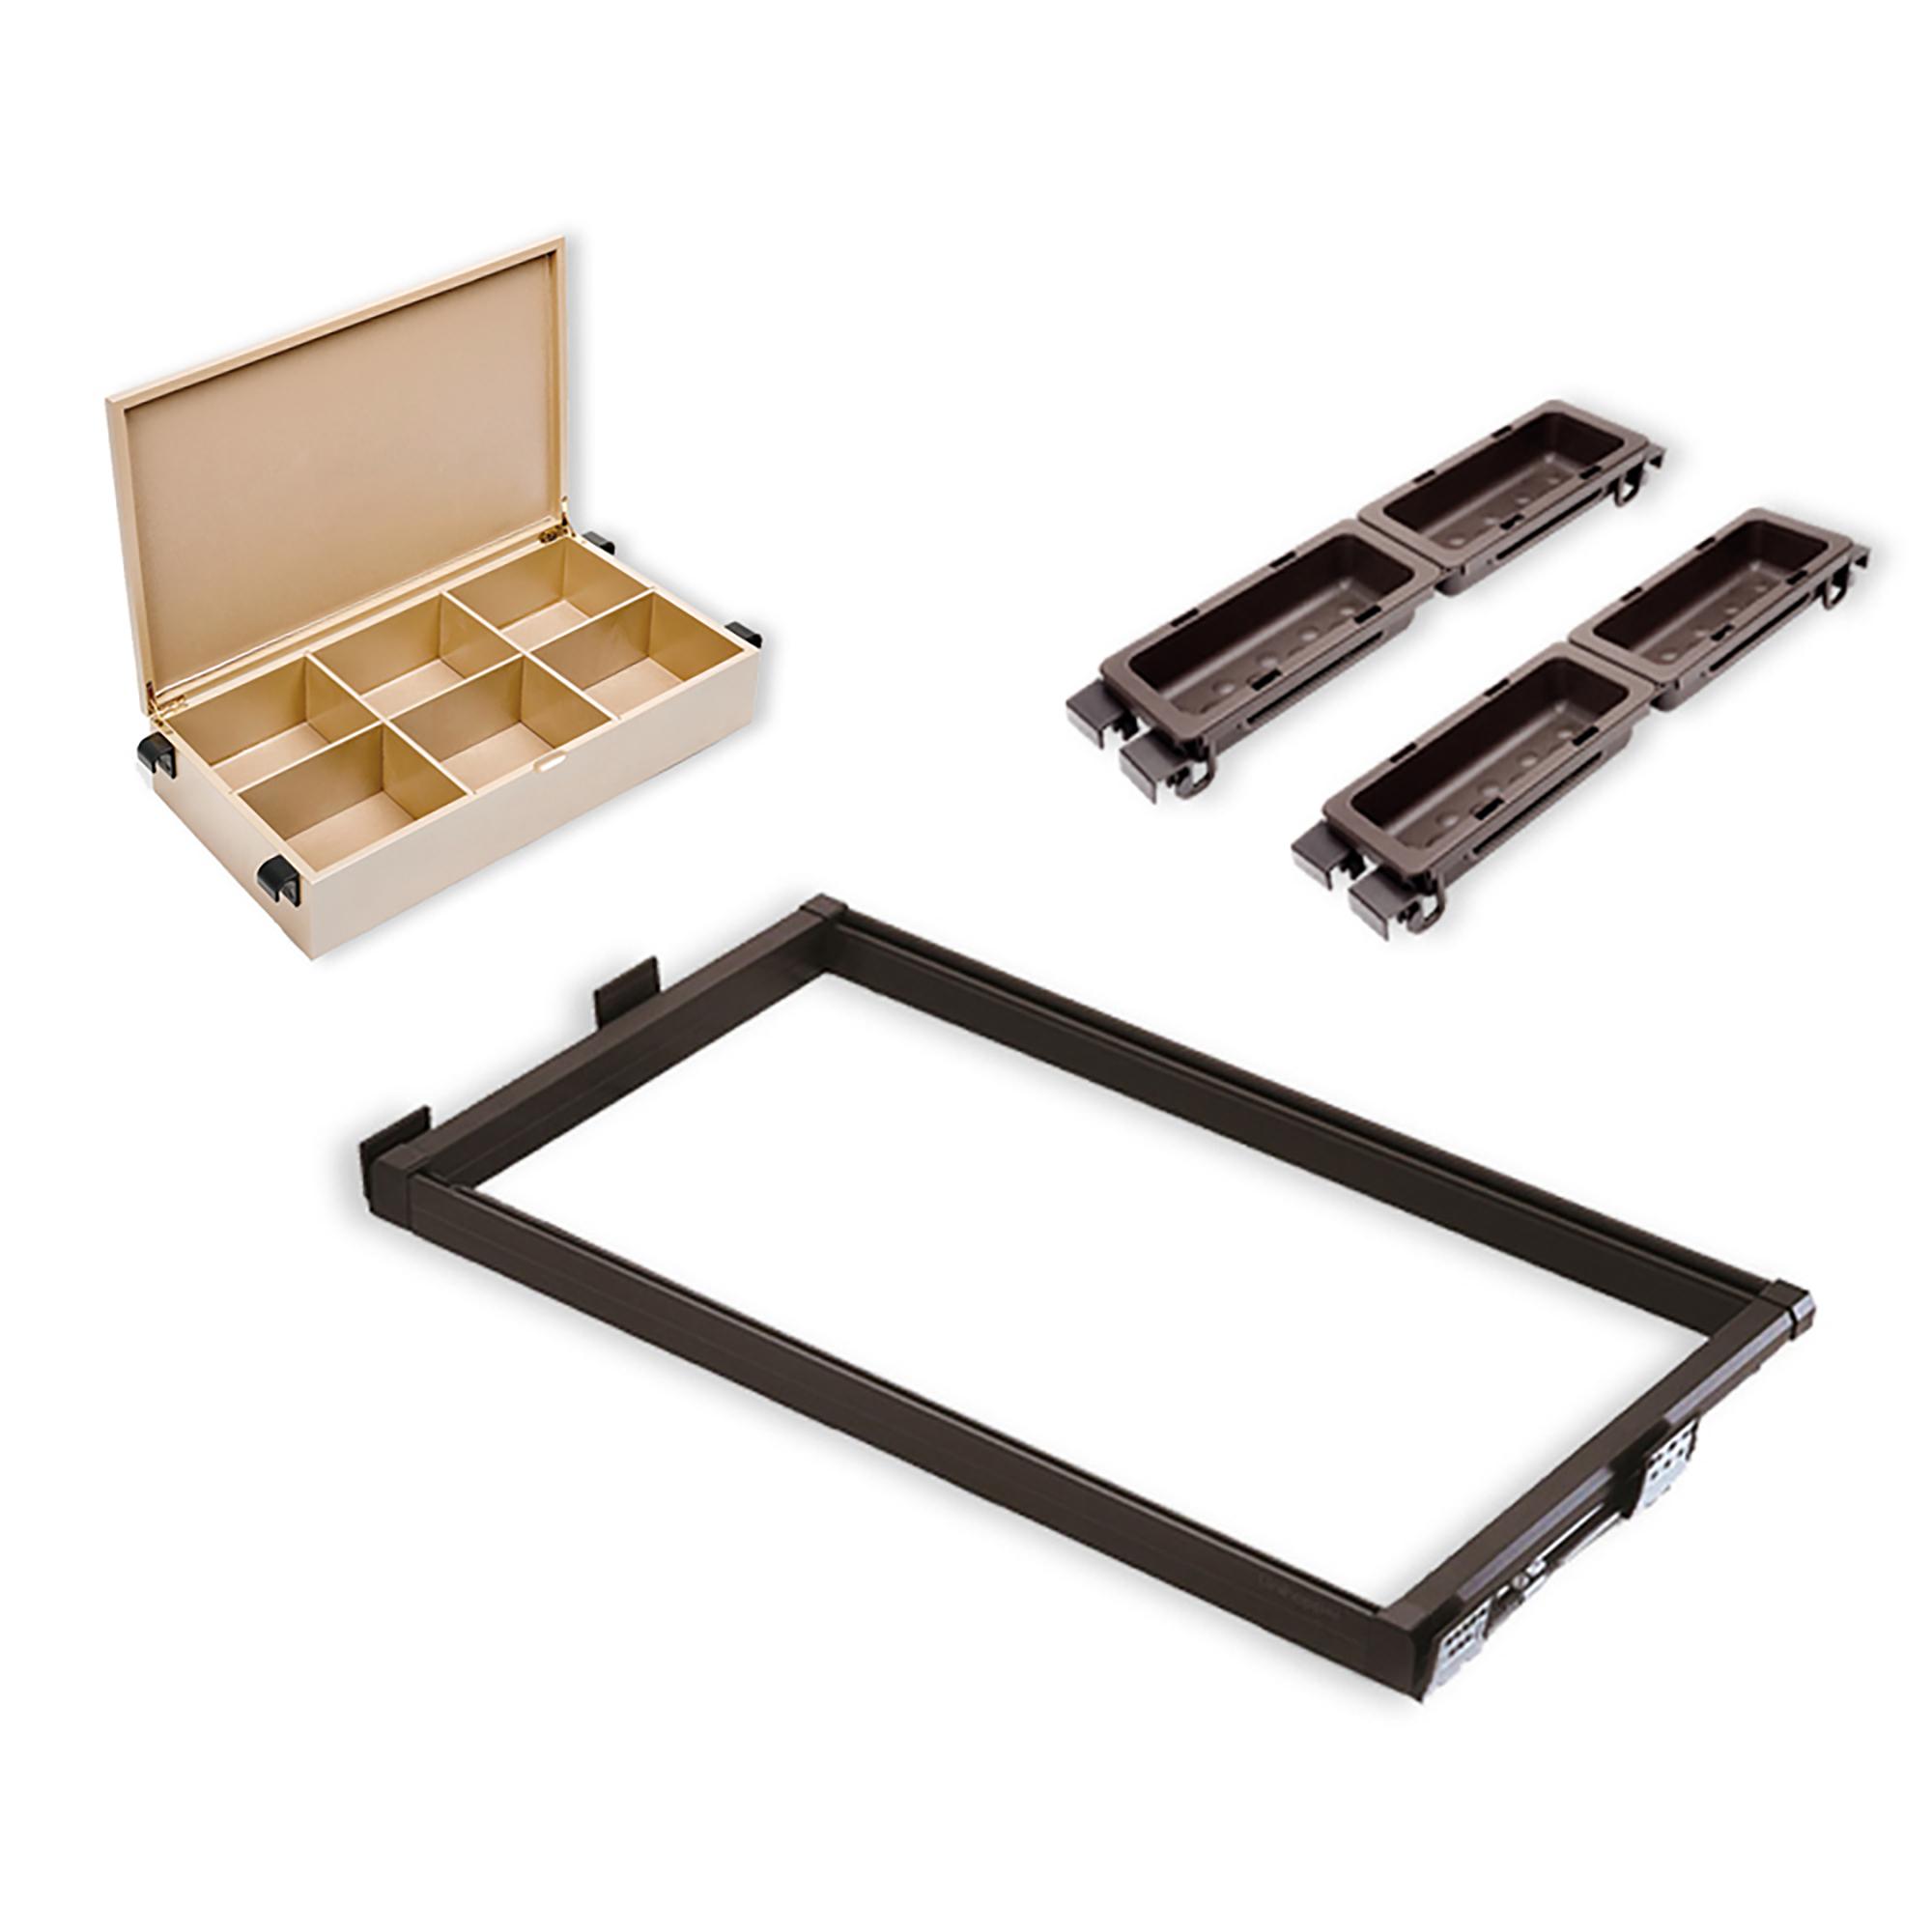 Emuca Kit contenitore a scomparti per armadio, vaschette ausiliari e guide, regolabile 564-614 mm, Color moka